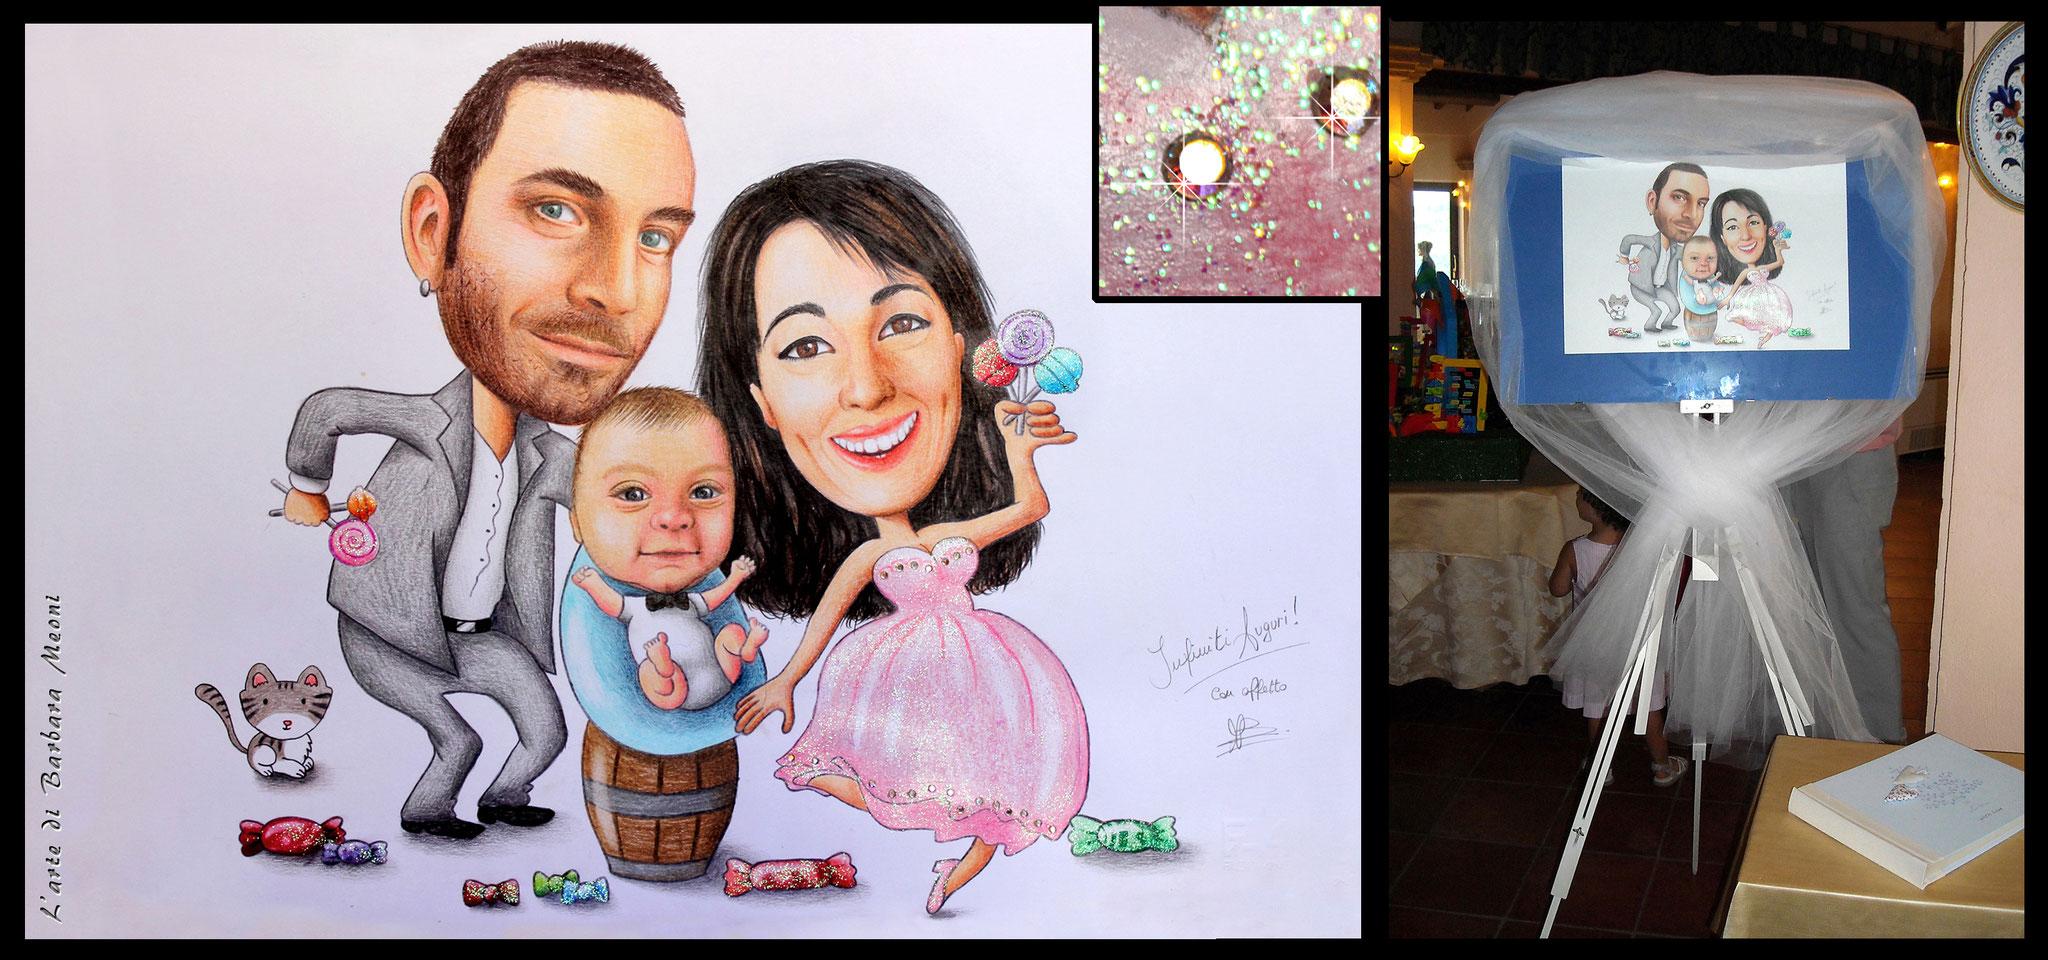 Caricatura matrimonio Marco e Francesca - Matite su cartoncino con effetto glitter iridescente e con rifiniture in strass arcobaleno 35x50 cm